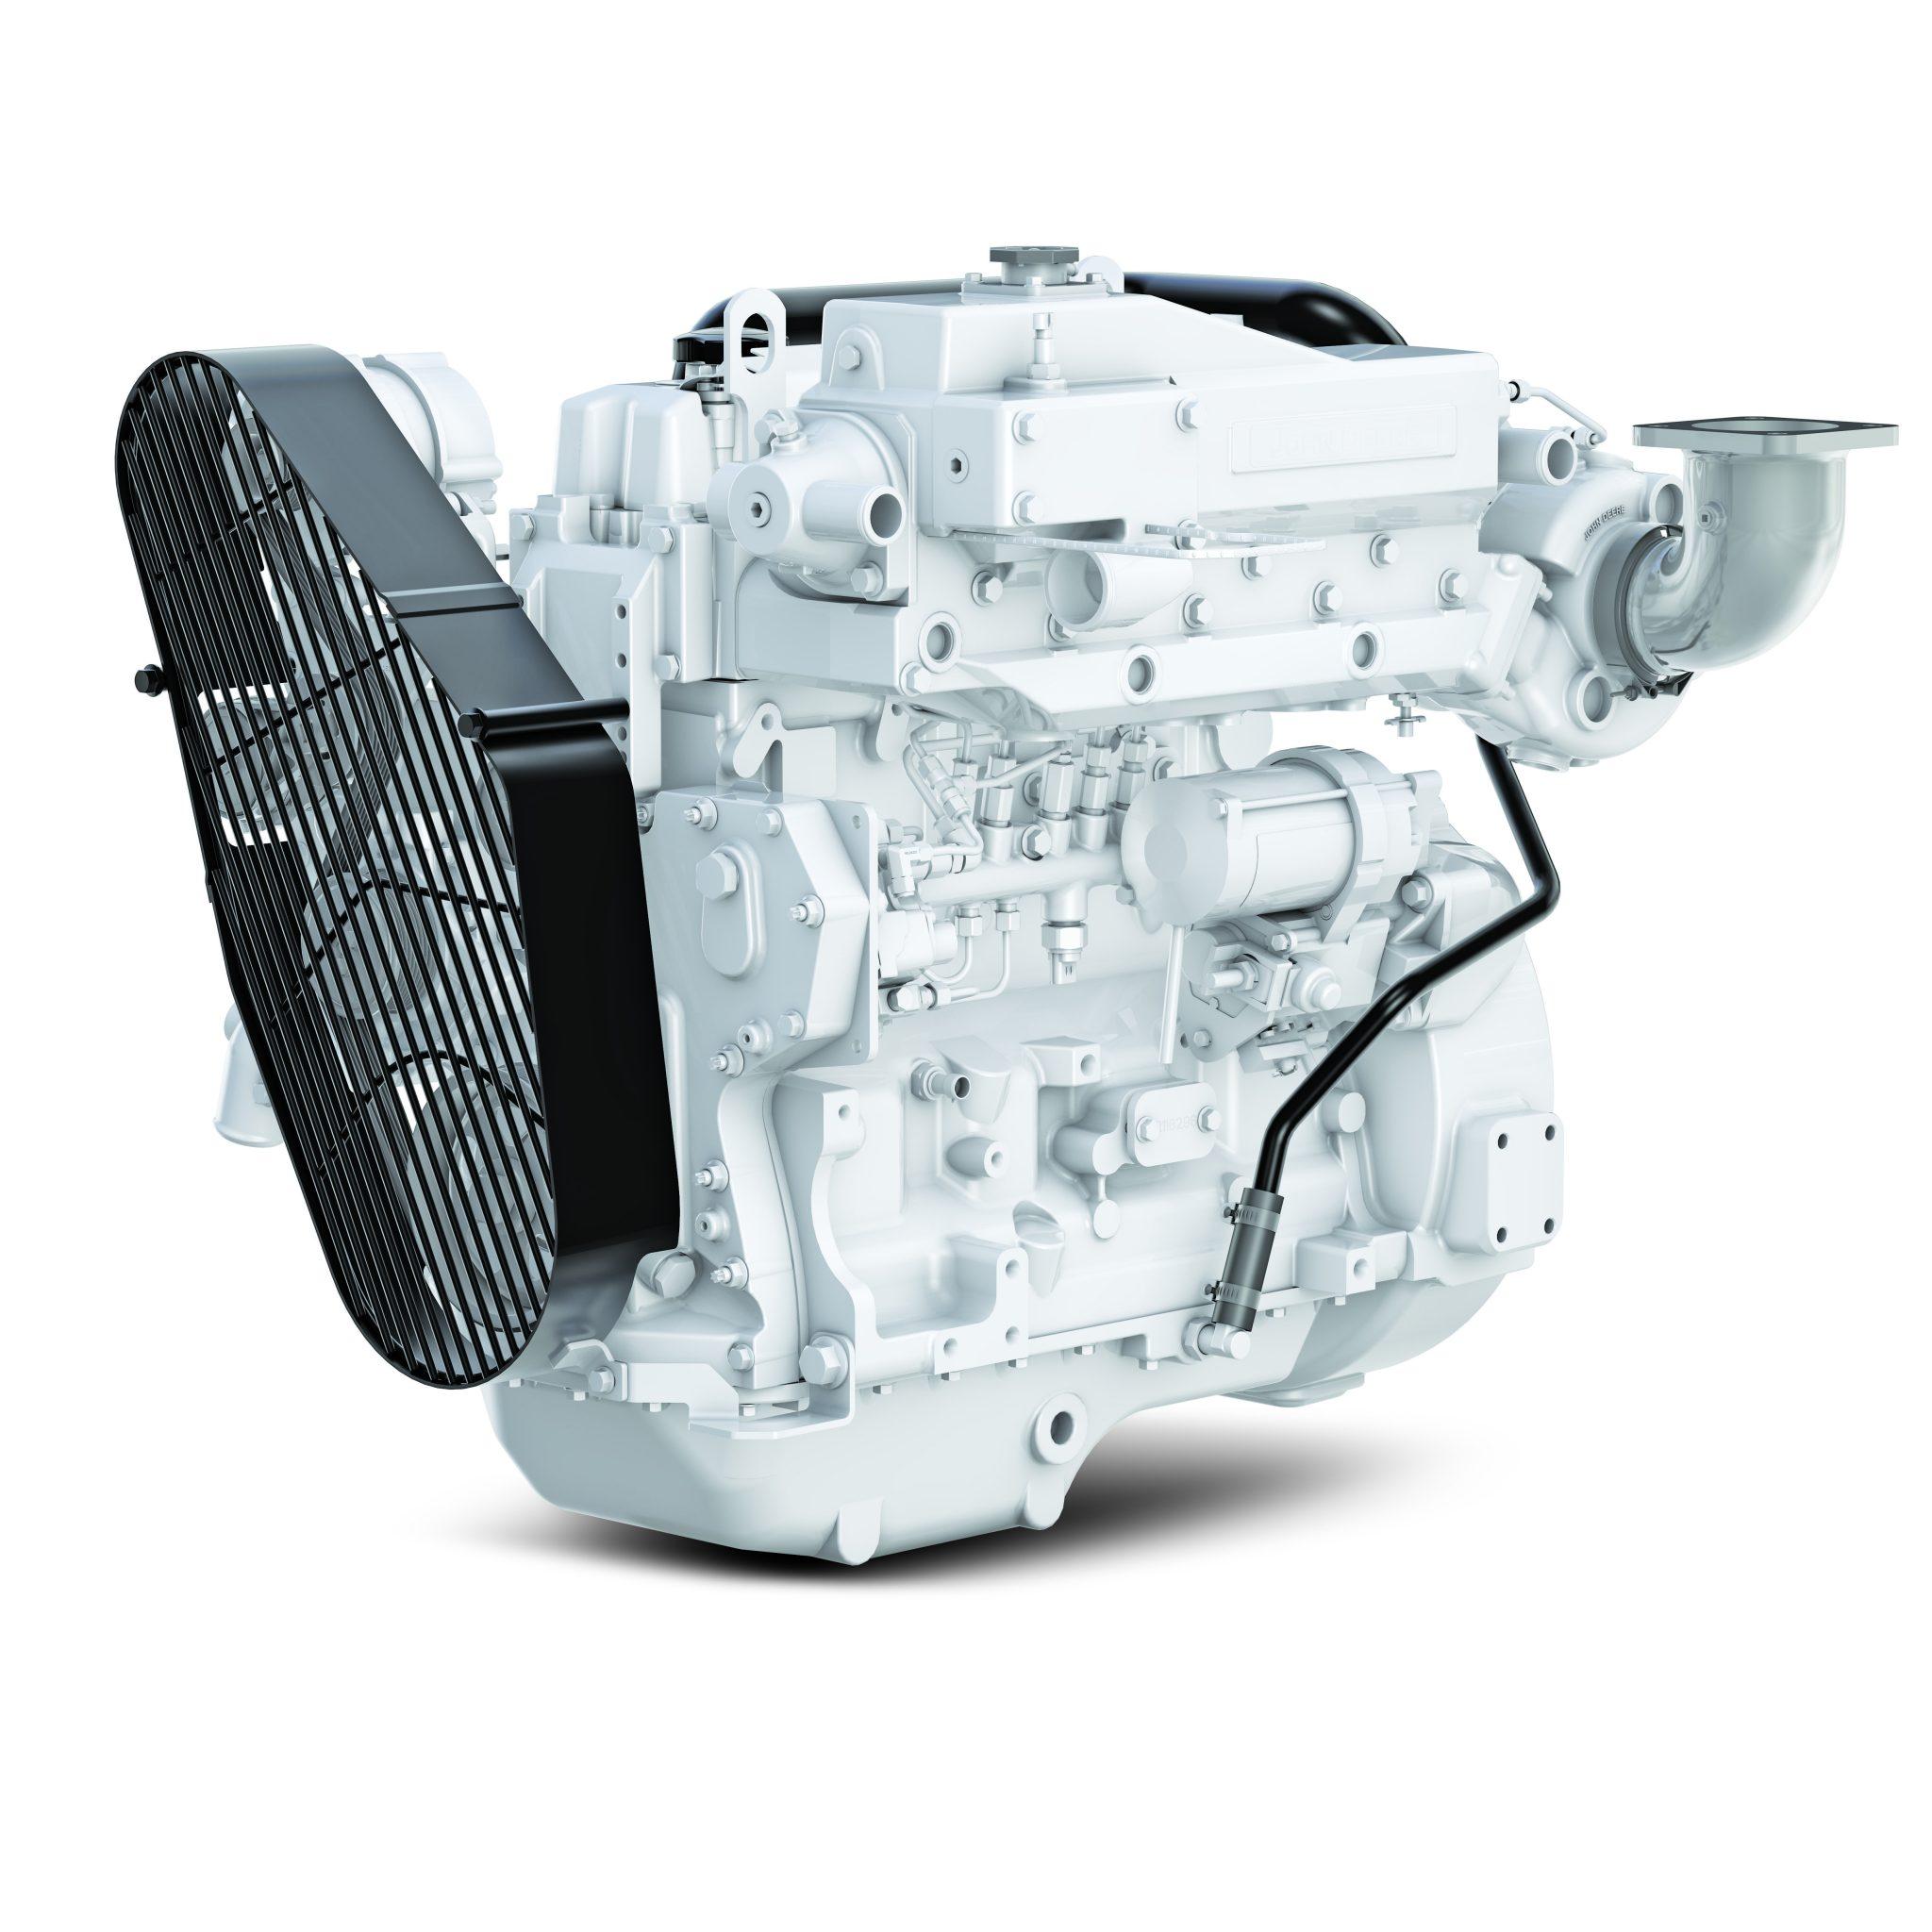 De Stage V gecertificeerde 4,5 liter-motor van John Deere, de 4045TFM85 levert 61 kW bij 1500 toeren.